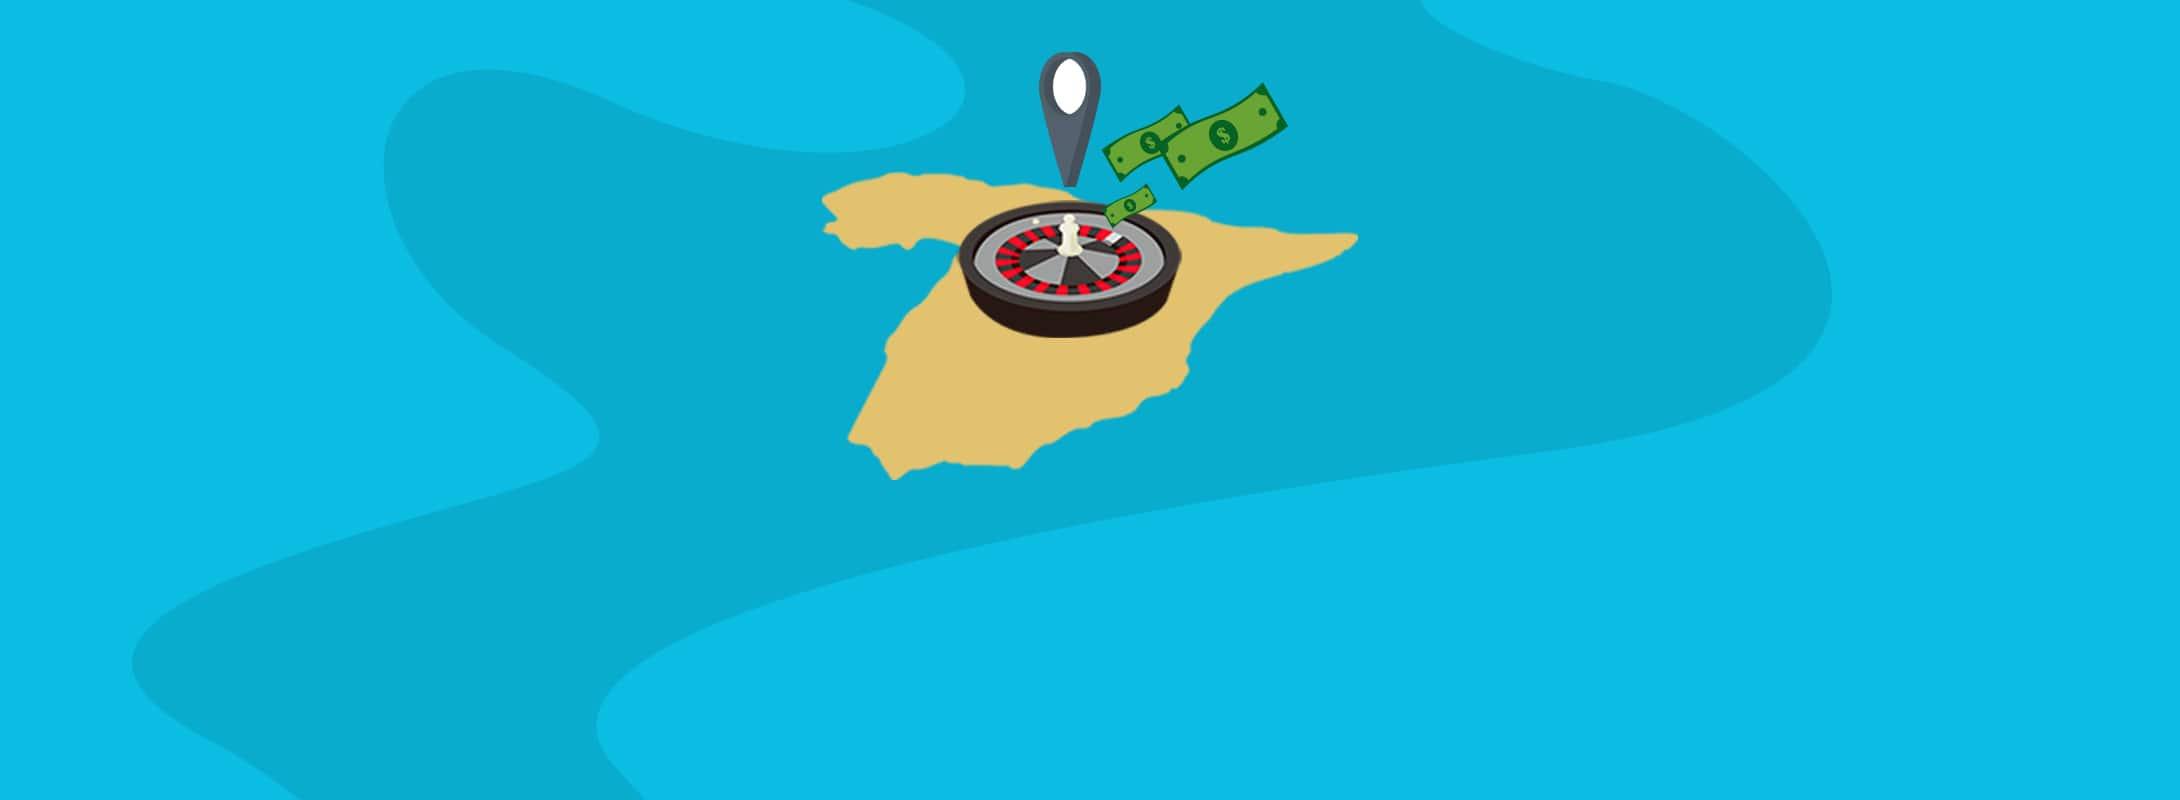 Los juegos de Ruleta más populares en España